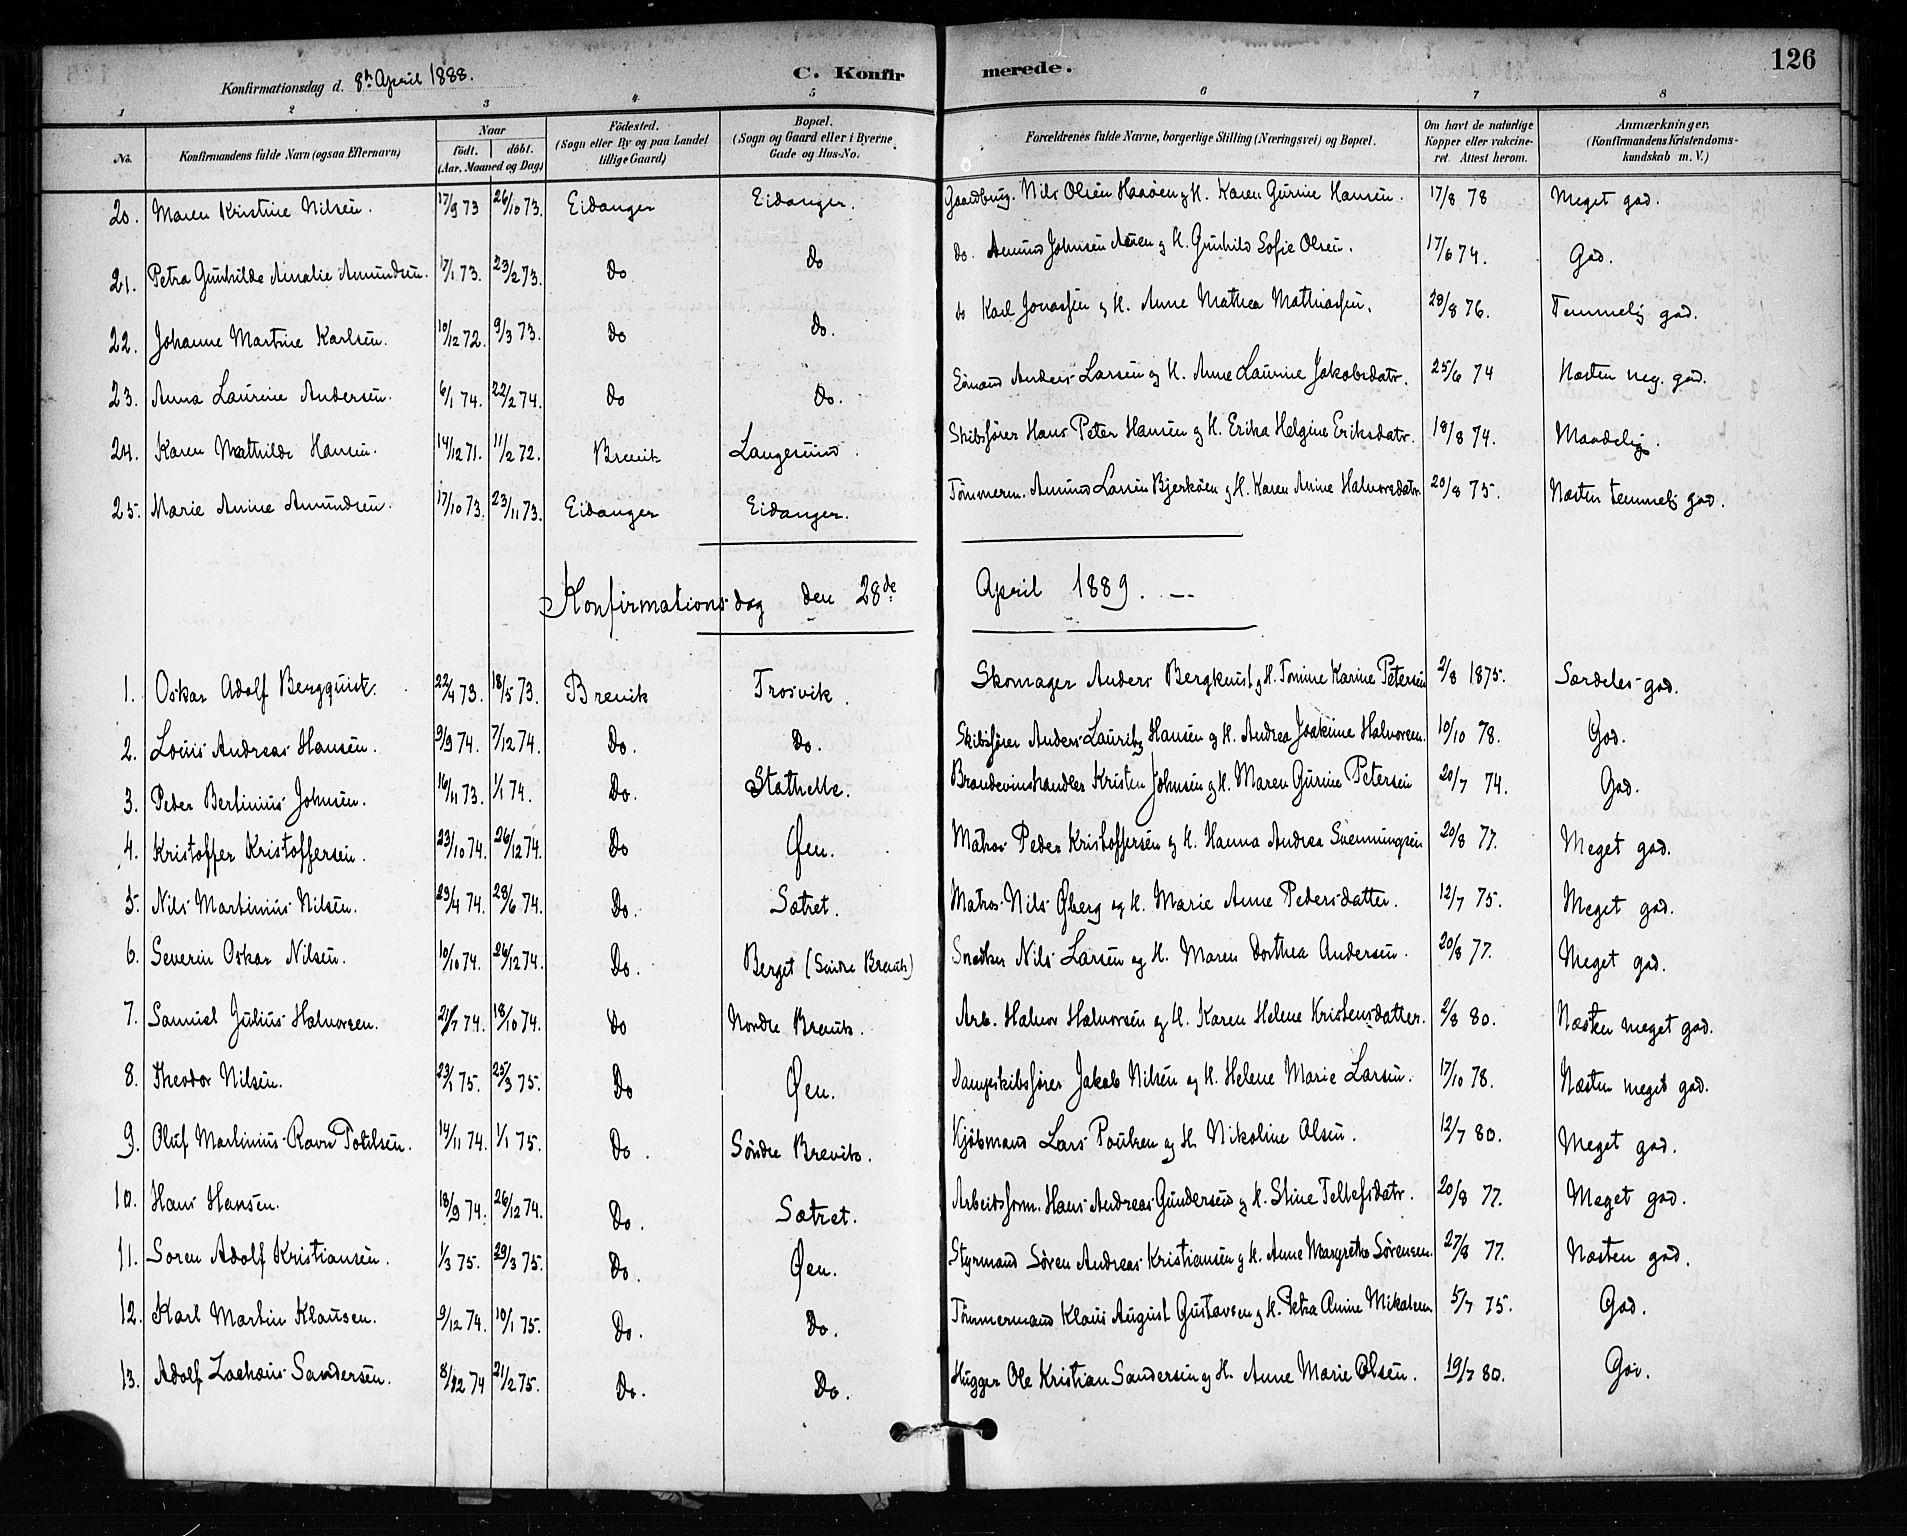 SAKO, Brevik kirkebøker, F/Fa/L0007: Ministerialbok nr. 7, 1882-1900, s. 126